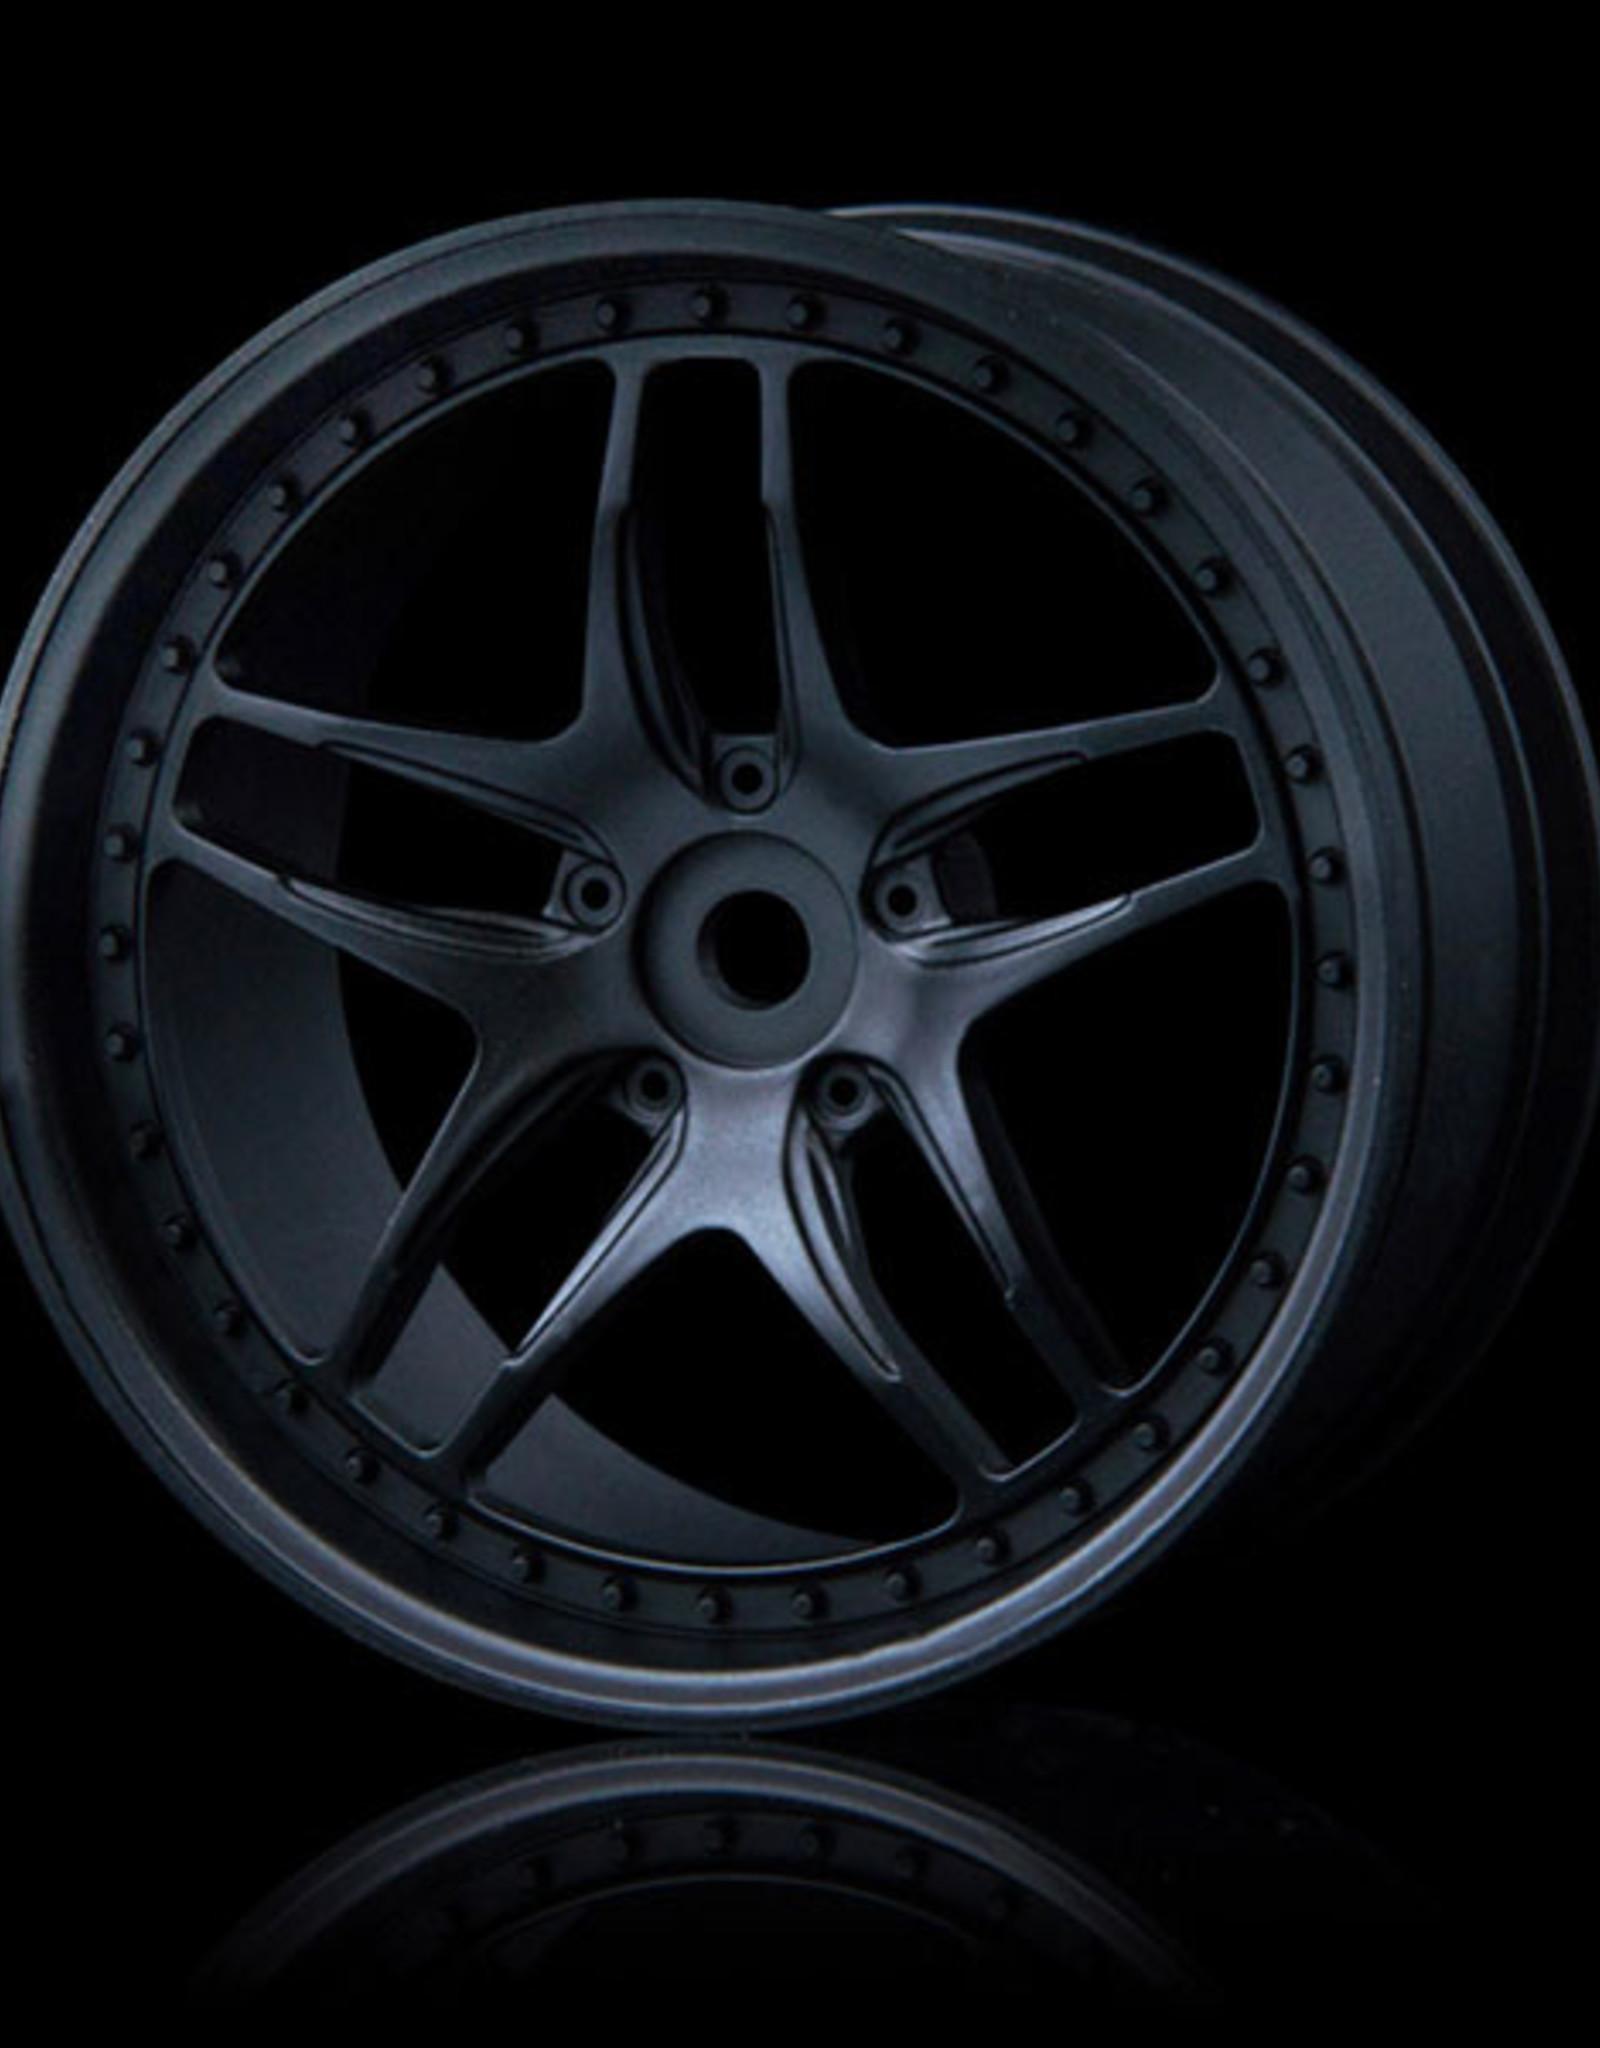 MST FB Wheel (4) by MST Flat Black 3mm